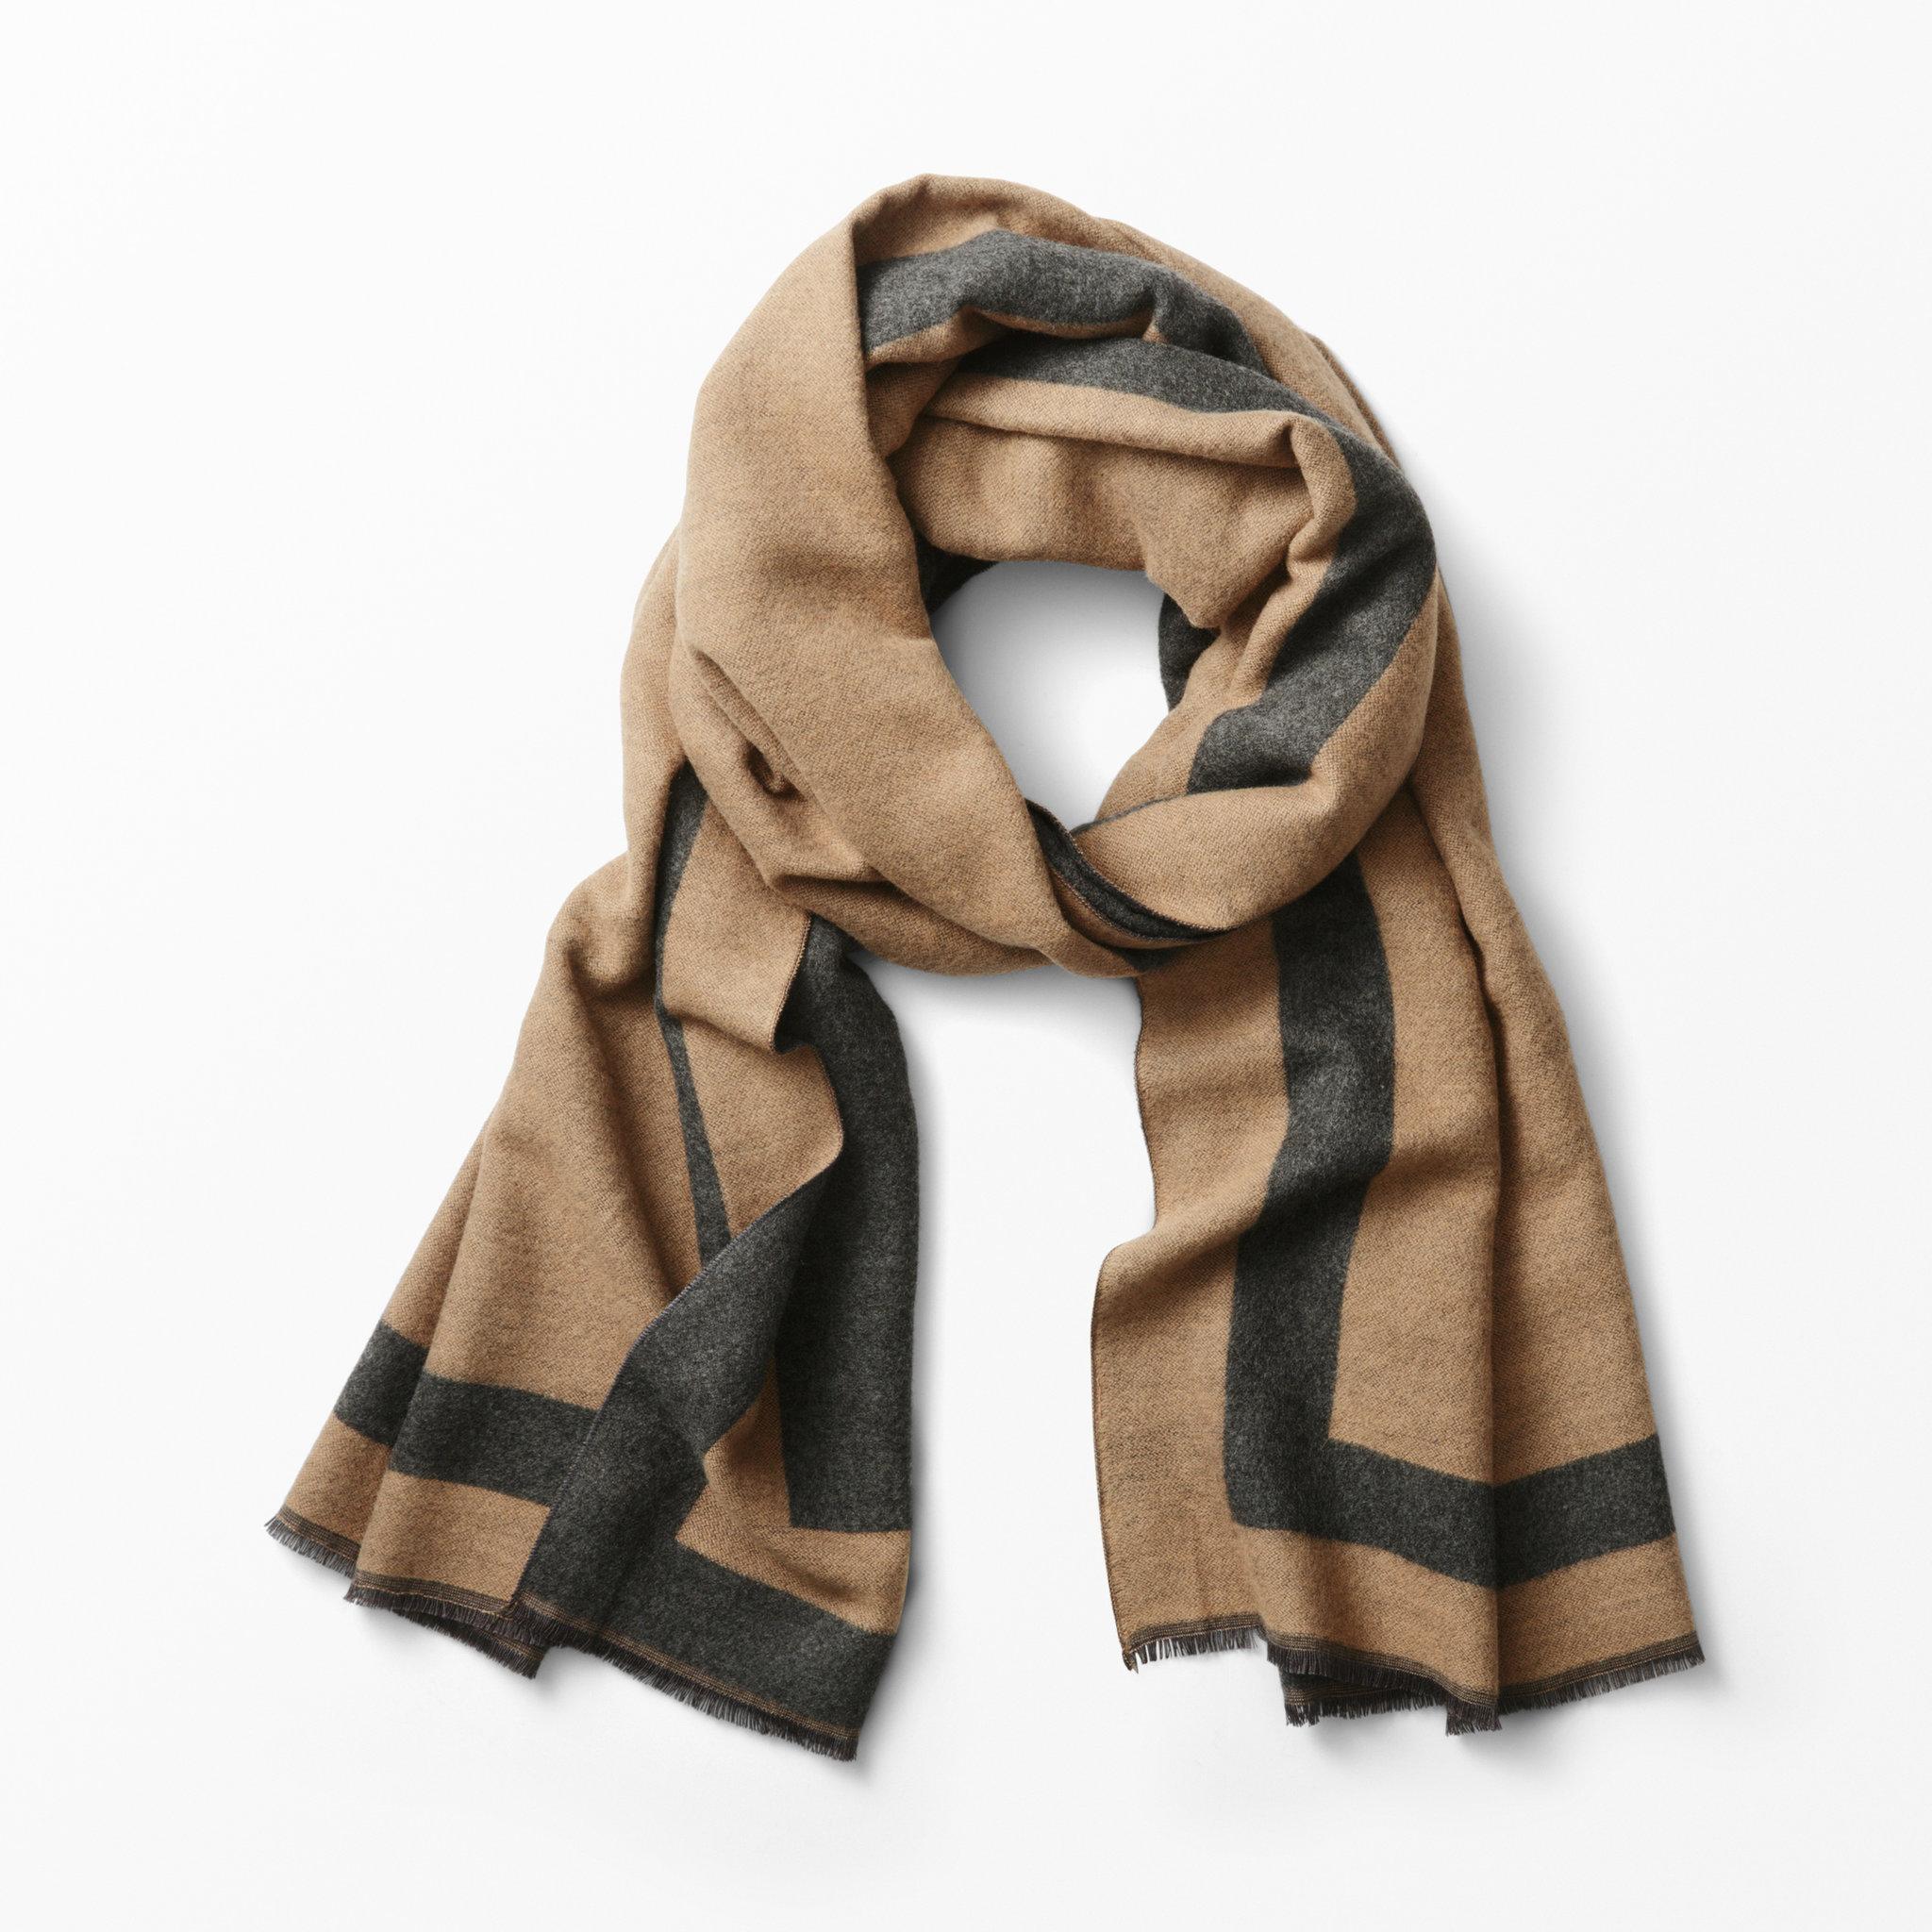 Scarf - Halsdukar   scarves - Köp online på åhlens.se! bde3c40ffb21d